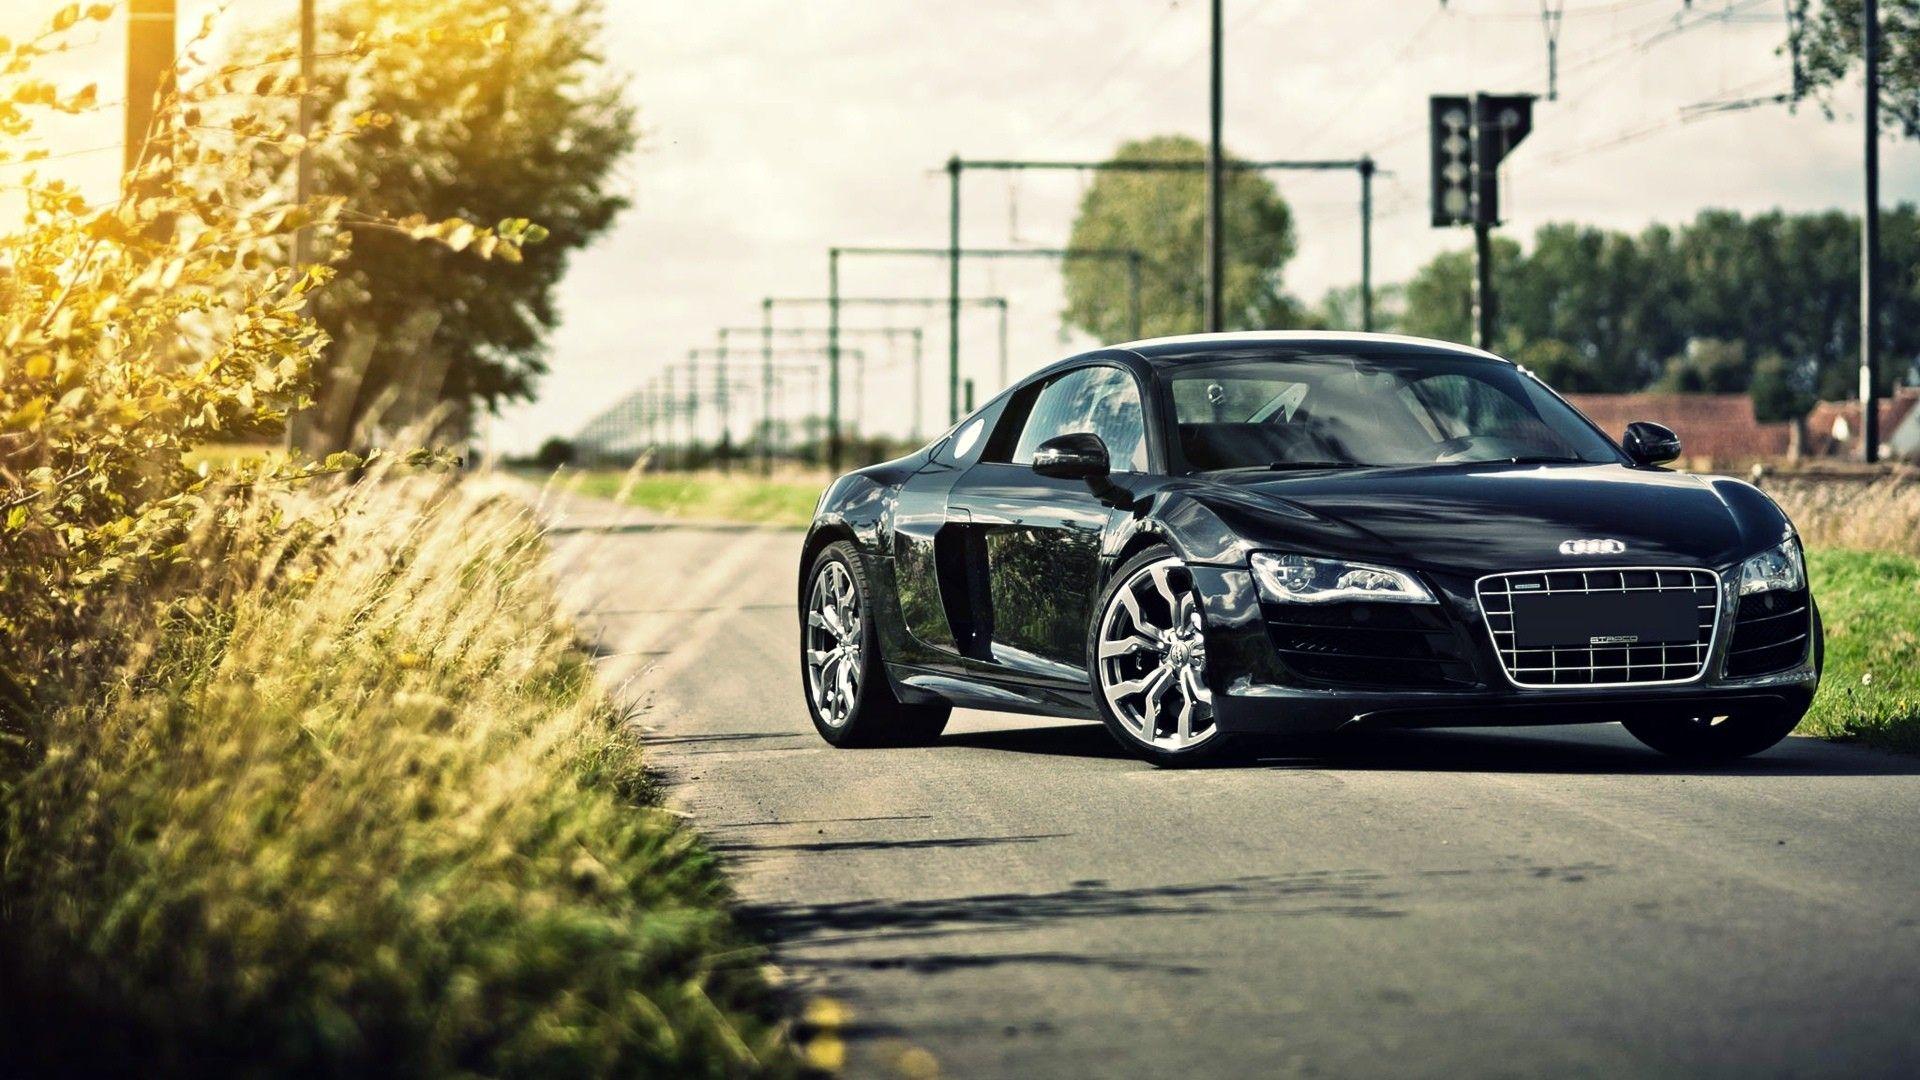 Merveilleux Hd Audi R Photo Hd Desktop Wallpapers Amazing Images P Smart